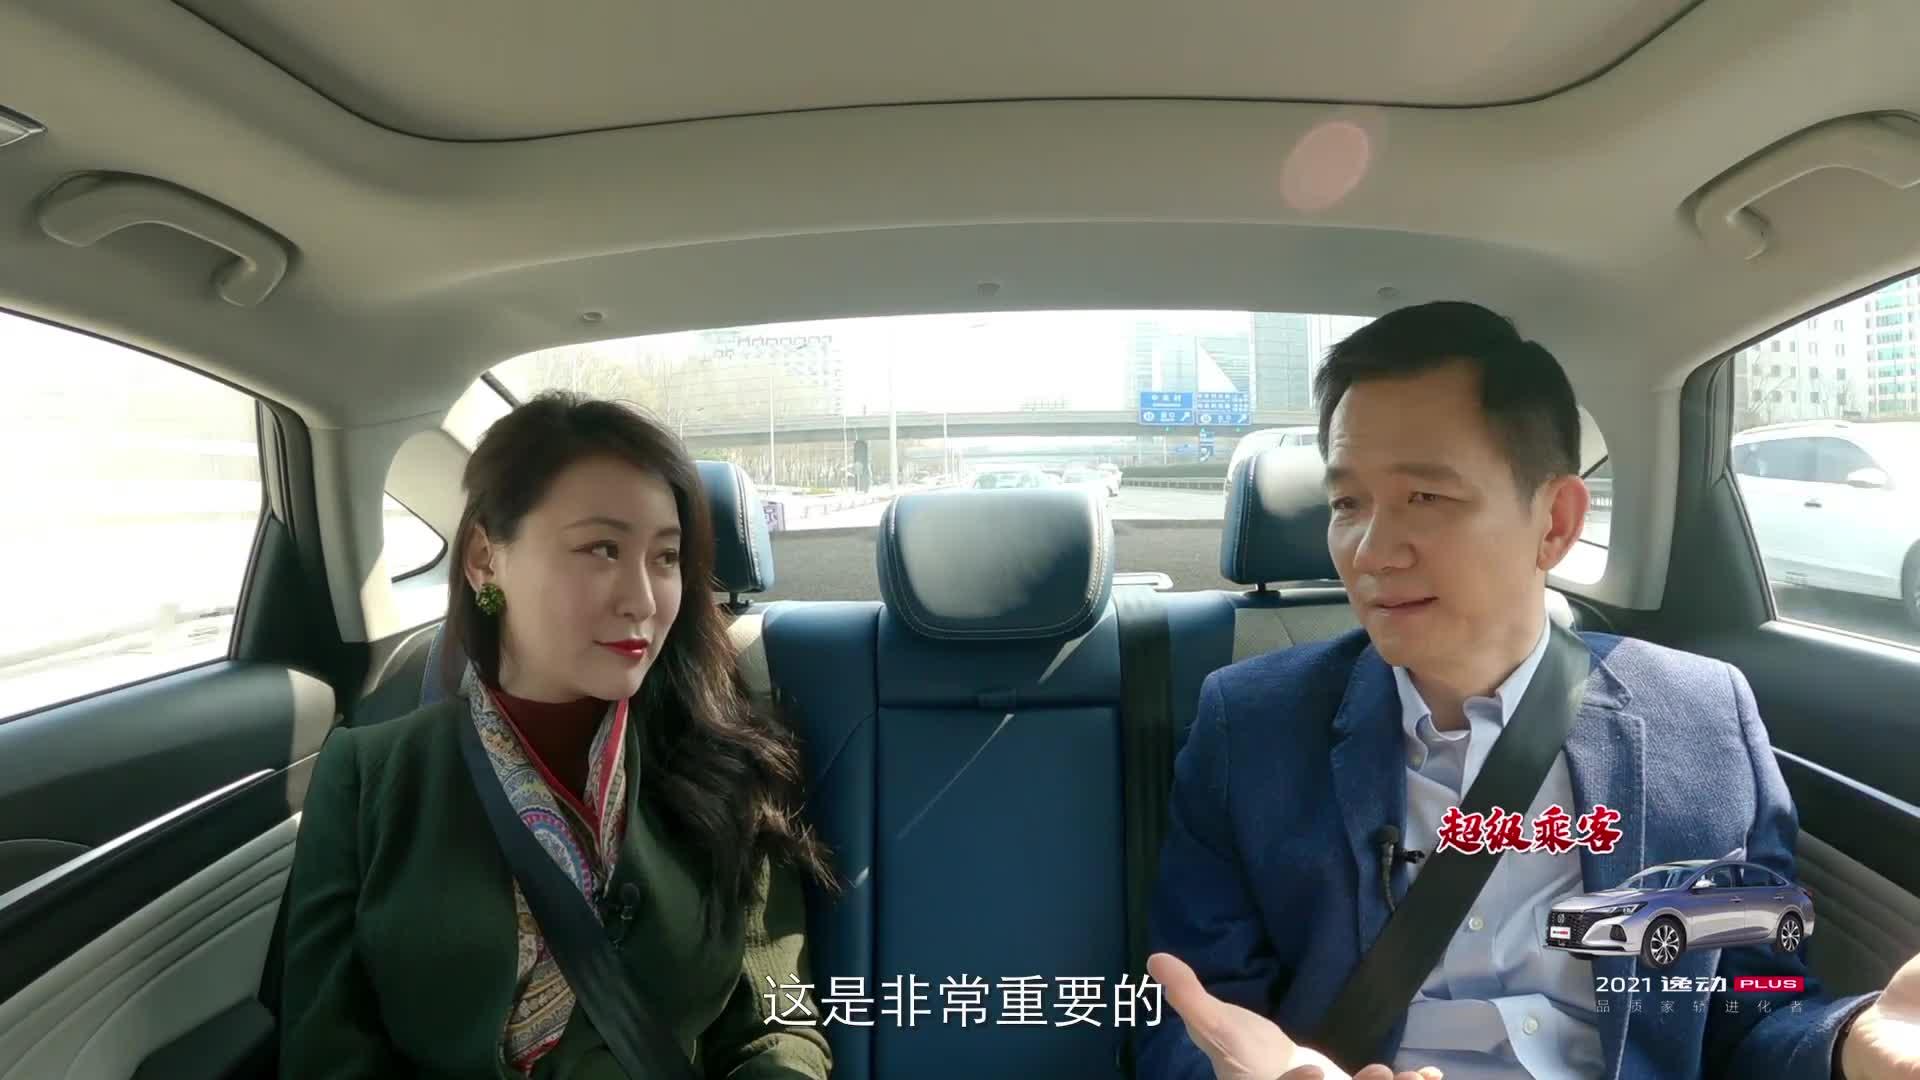 《全国两会超级乘客》姚洋:我还是相信基金的,你得把钱交给专业的人去投资